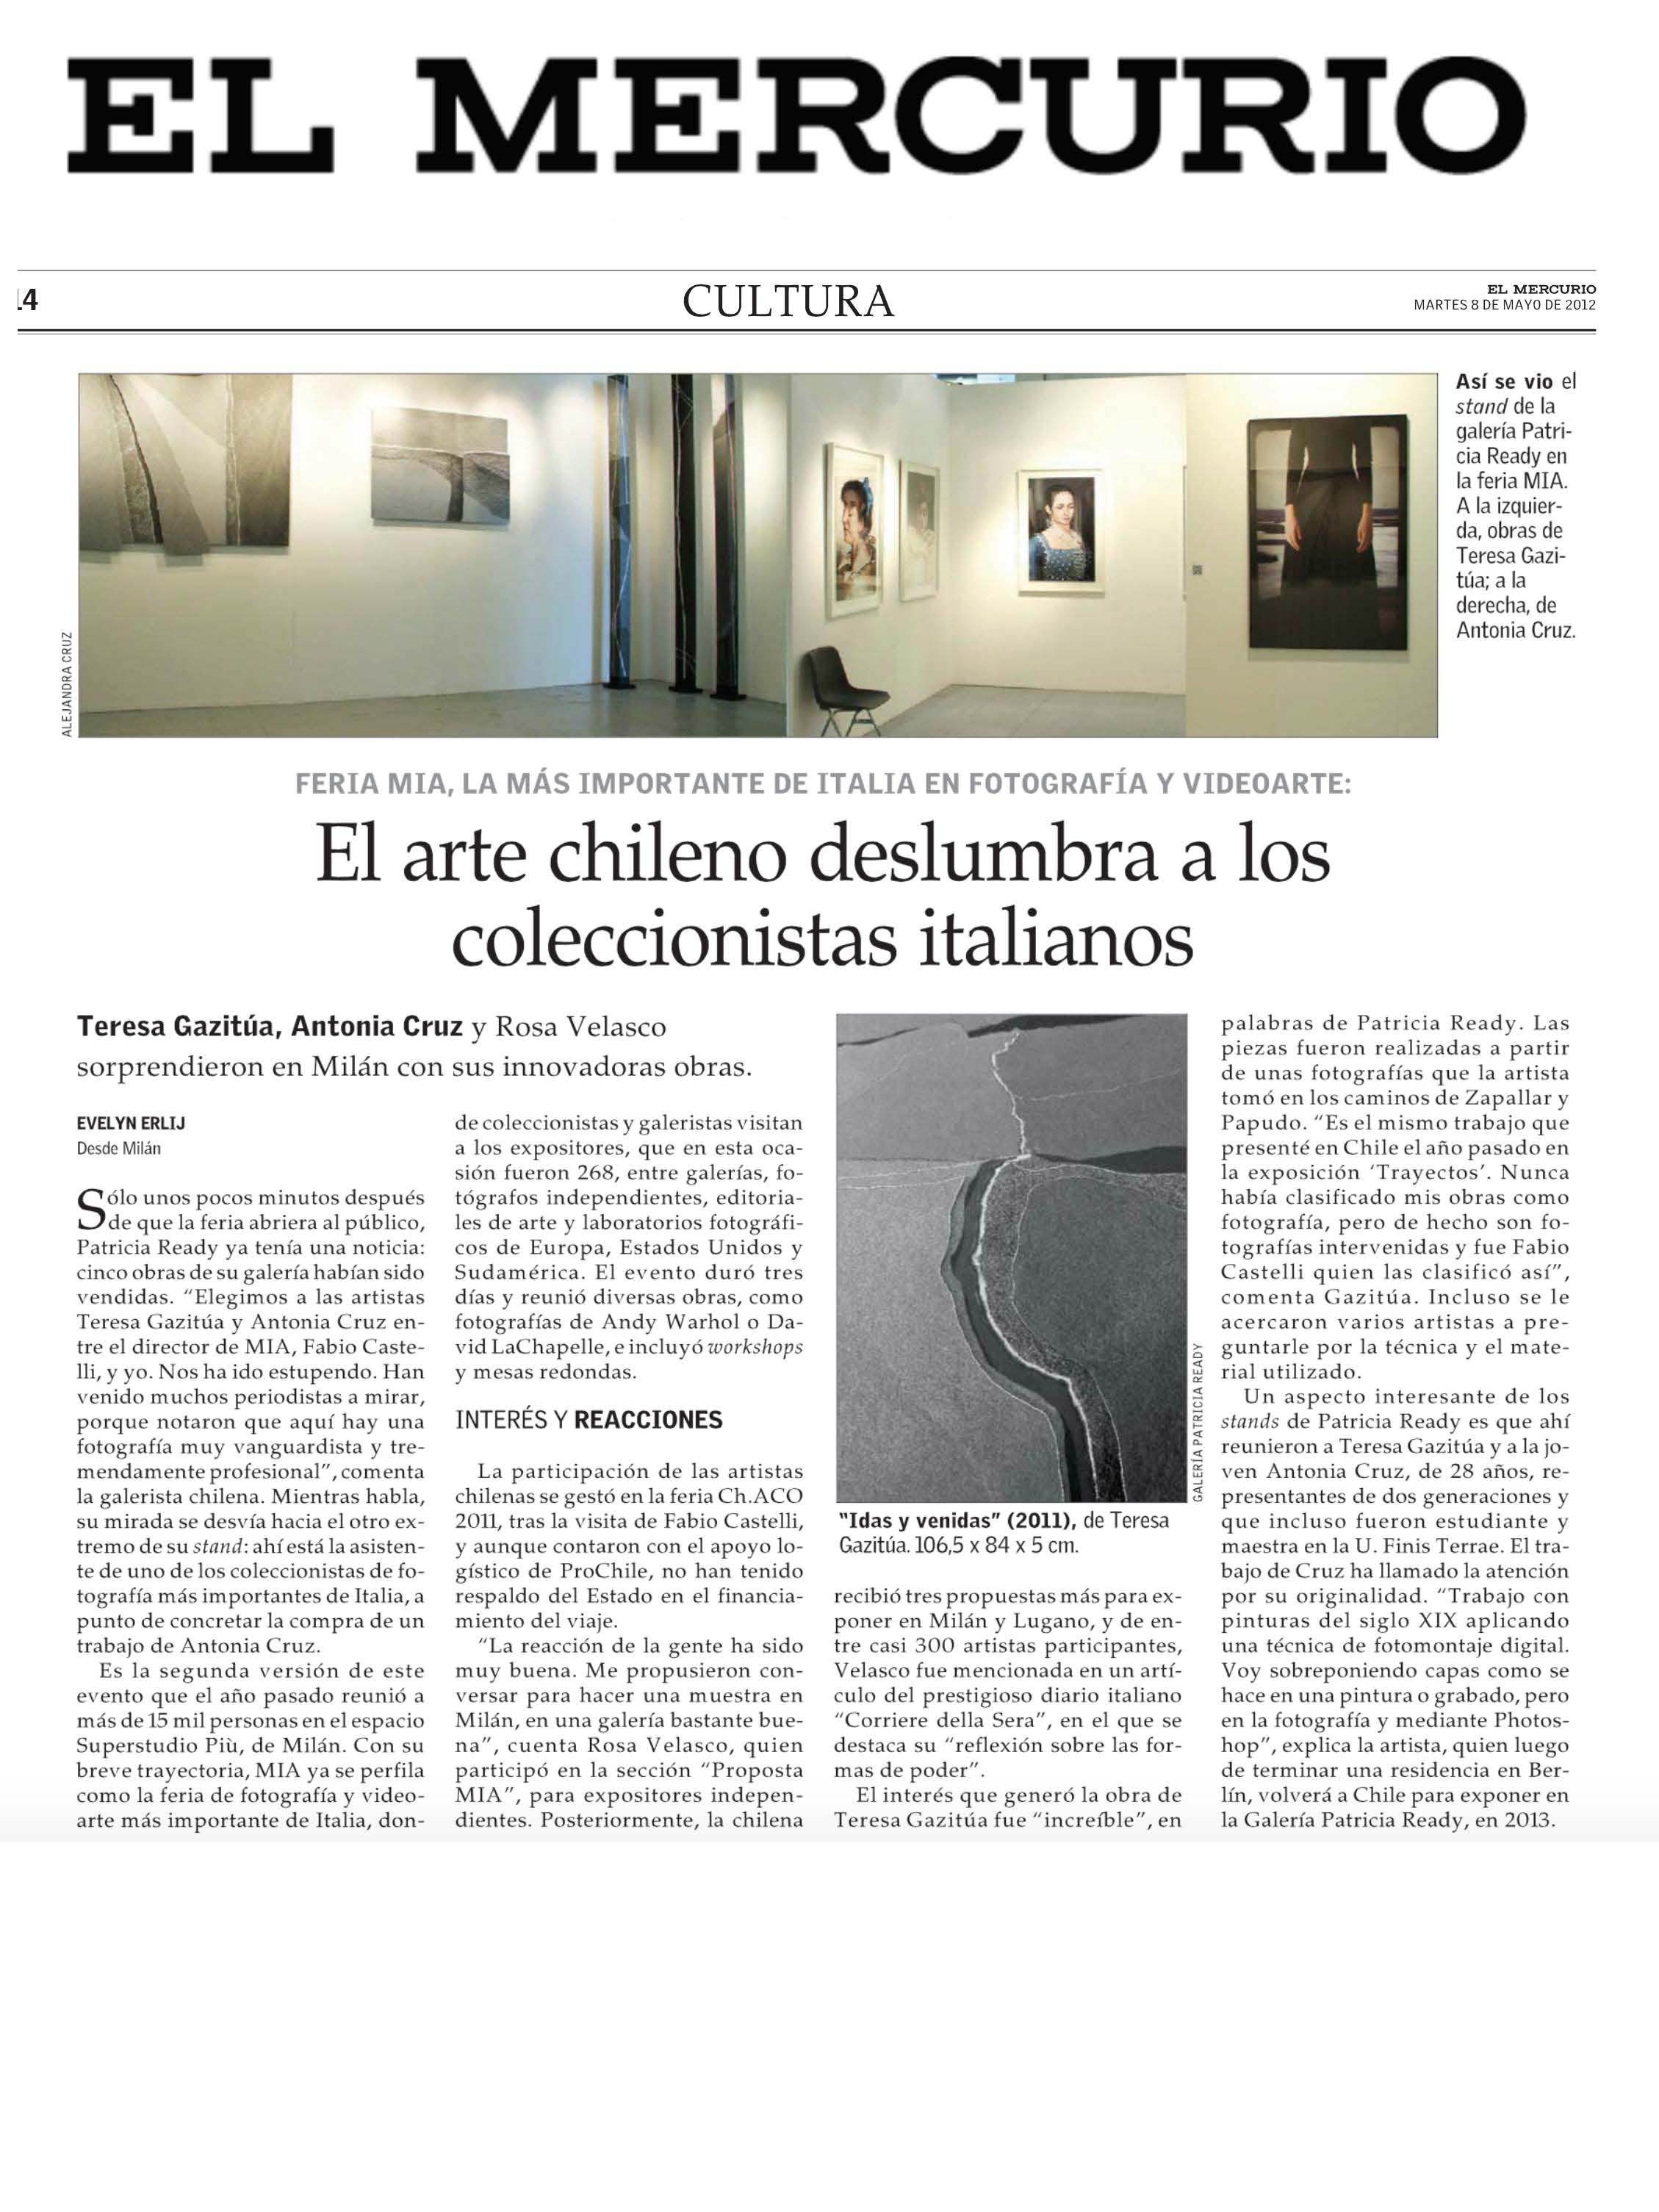 Exposición Fotografía Intervenida, Mia Milan Art Fair, El Merrcurio, Cultura.